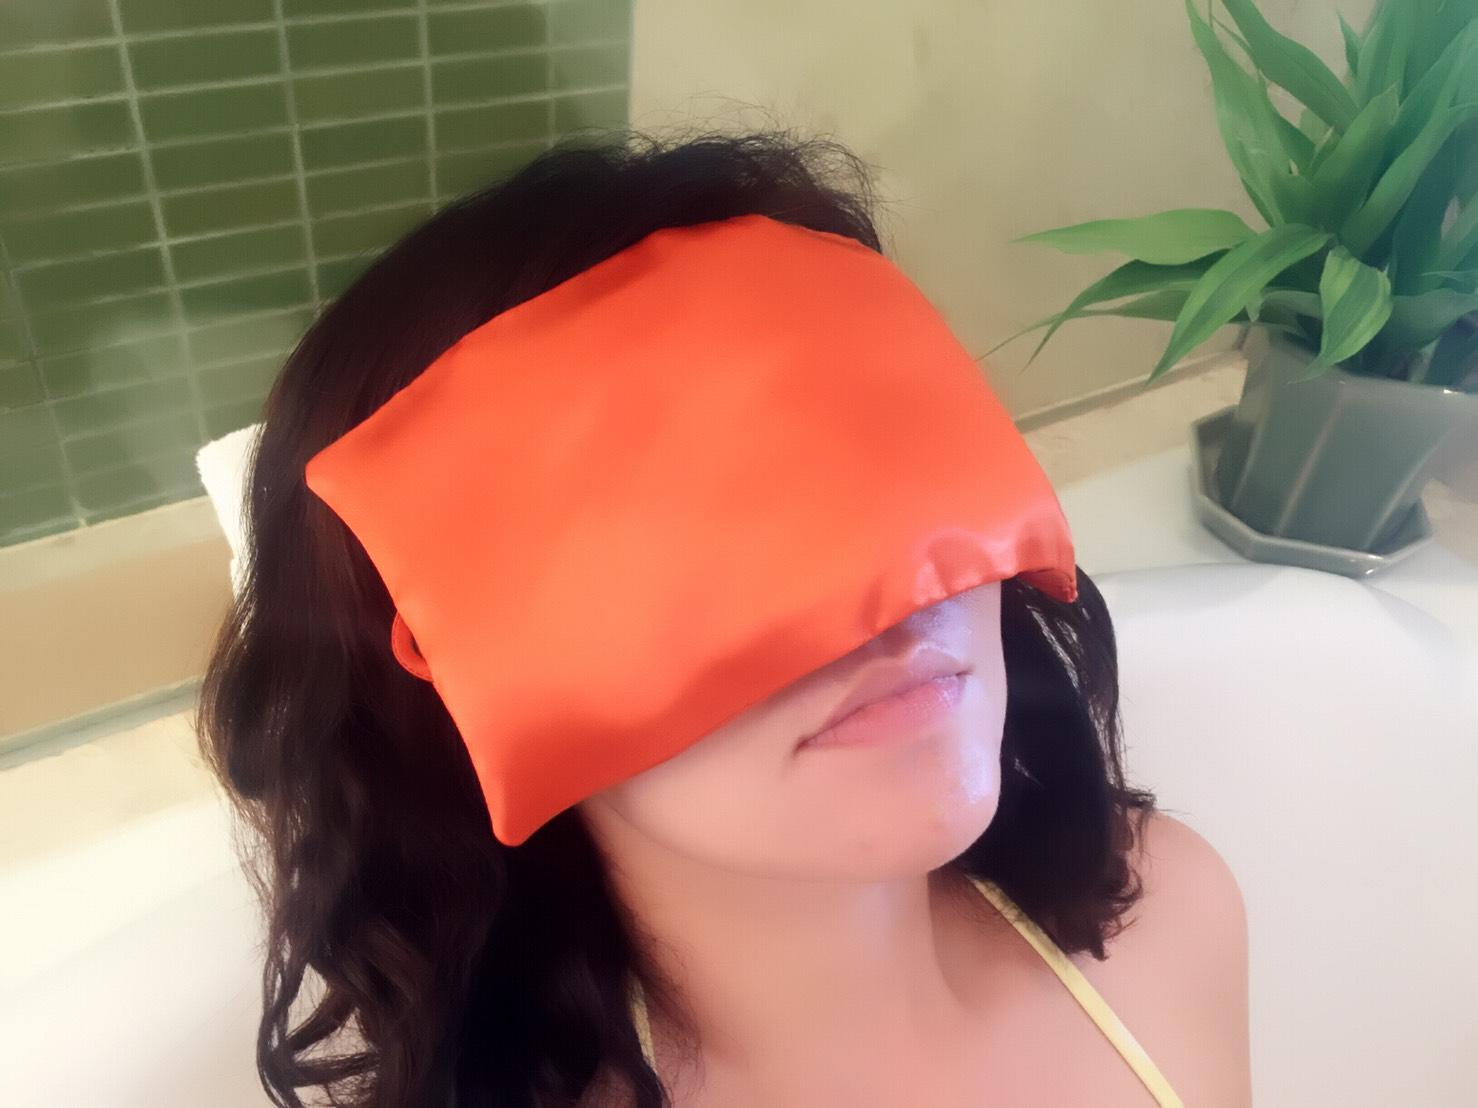 การประคบเย็นด้วยที่ปิดตาสมุนไพรกลิ่นส้ม ช่วยคลายเครียด แก้ปวดหัว ไม่ว่าจะเป็นปวดหัวจากไมเกรน ปวดหัวข้างเดียว หรือปวดหัวบ่อย